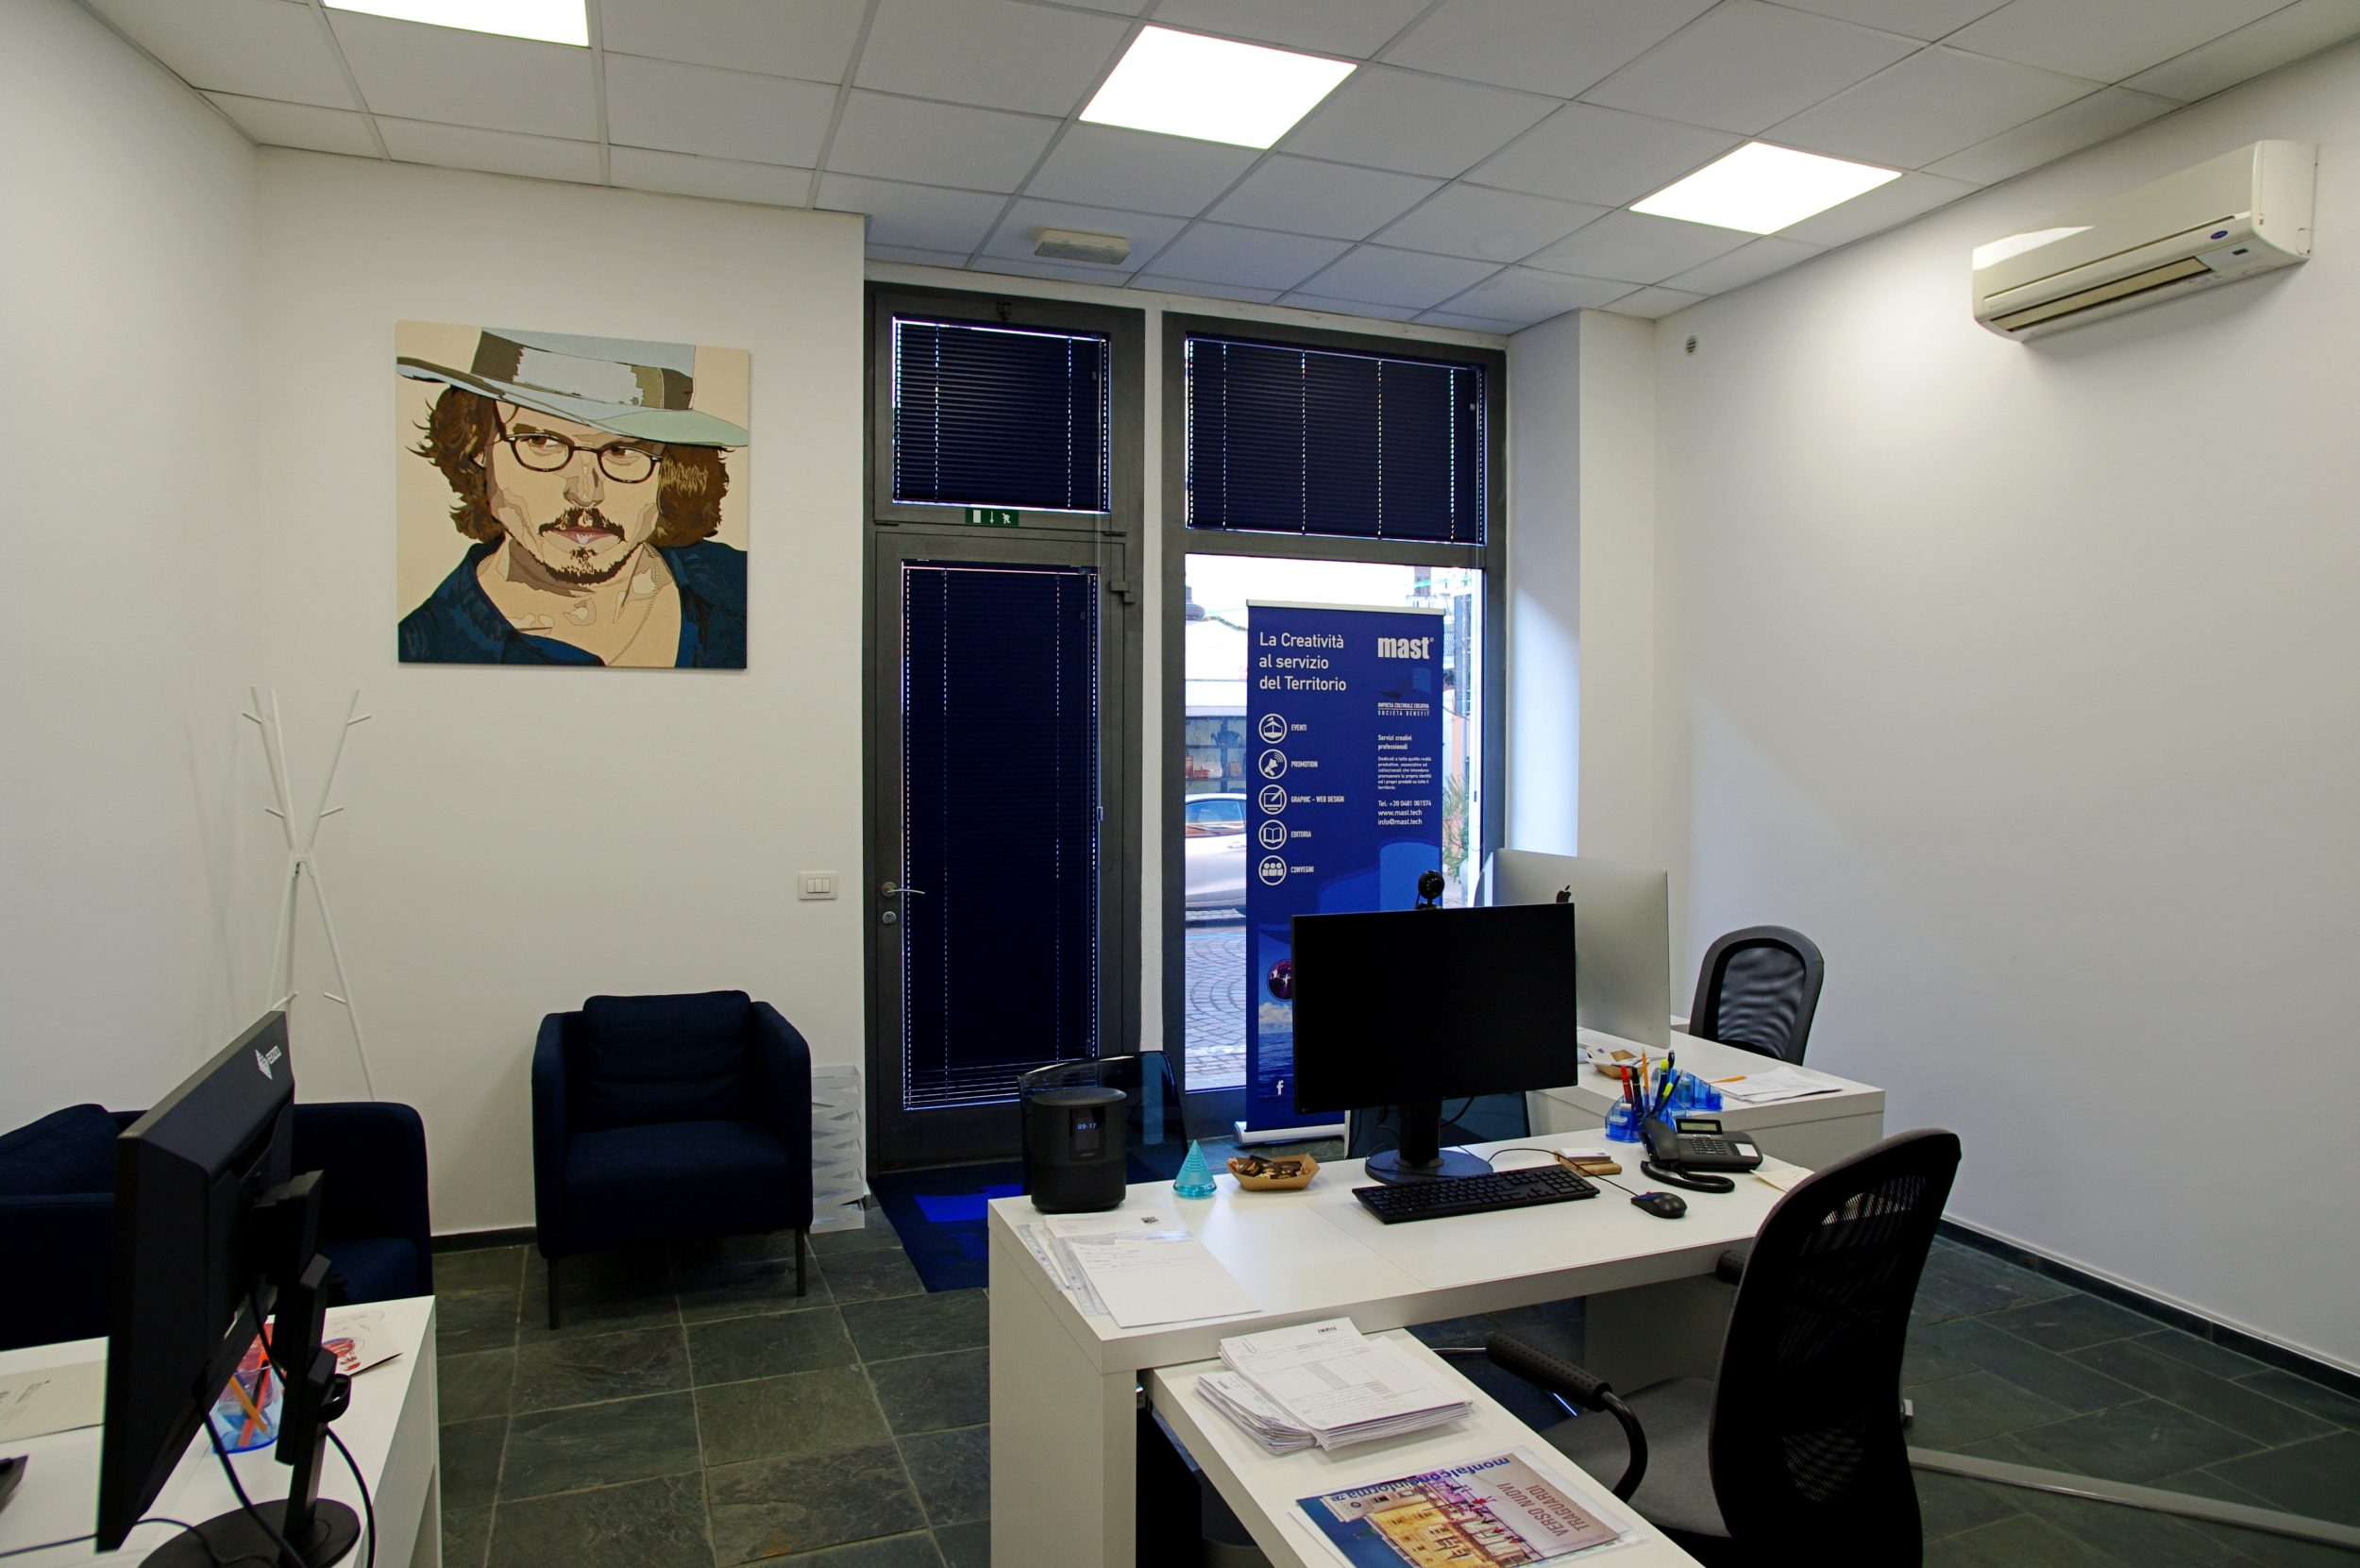 Vista uffici sede Mast Icc Sb srl